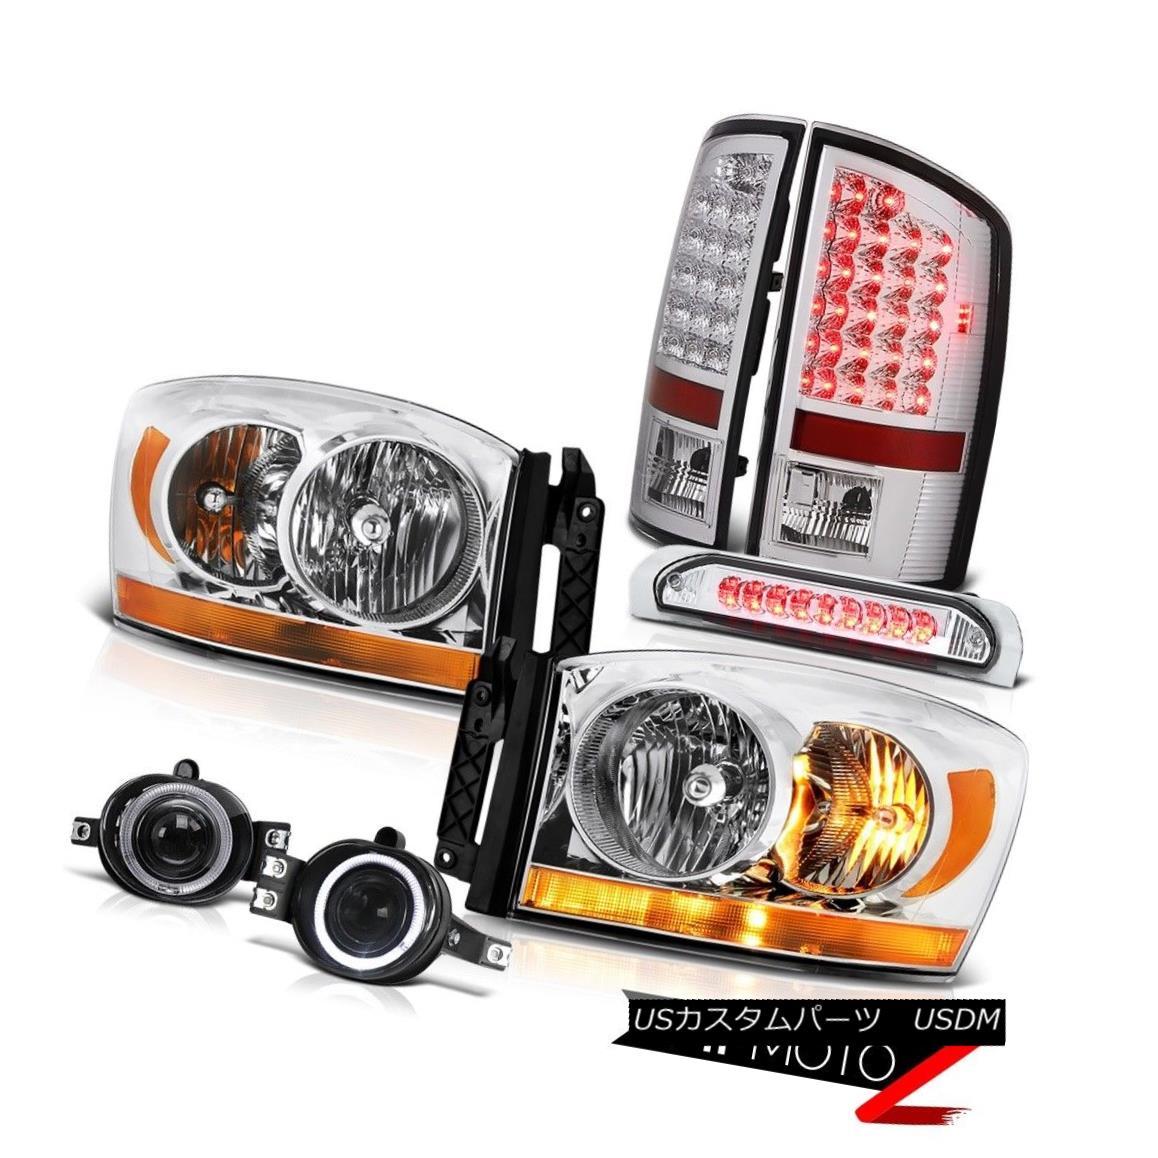 テールライト 2006 Ram 4.7L Chrome Headlamps Foglights Roof Brake Light Tail Lights Oe Style 2006ラム4.7LクロームヘッドランプフォグライトルーフブレーキライトテールライトOEスタイル